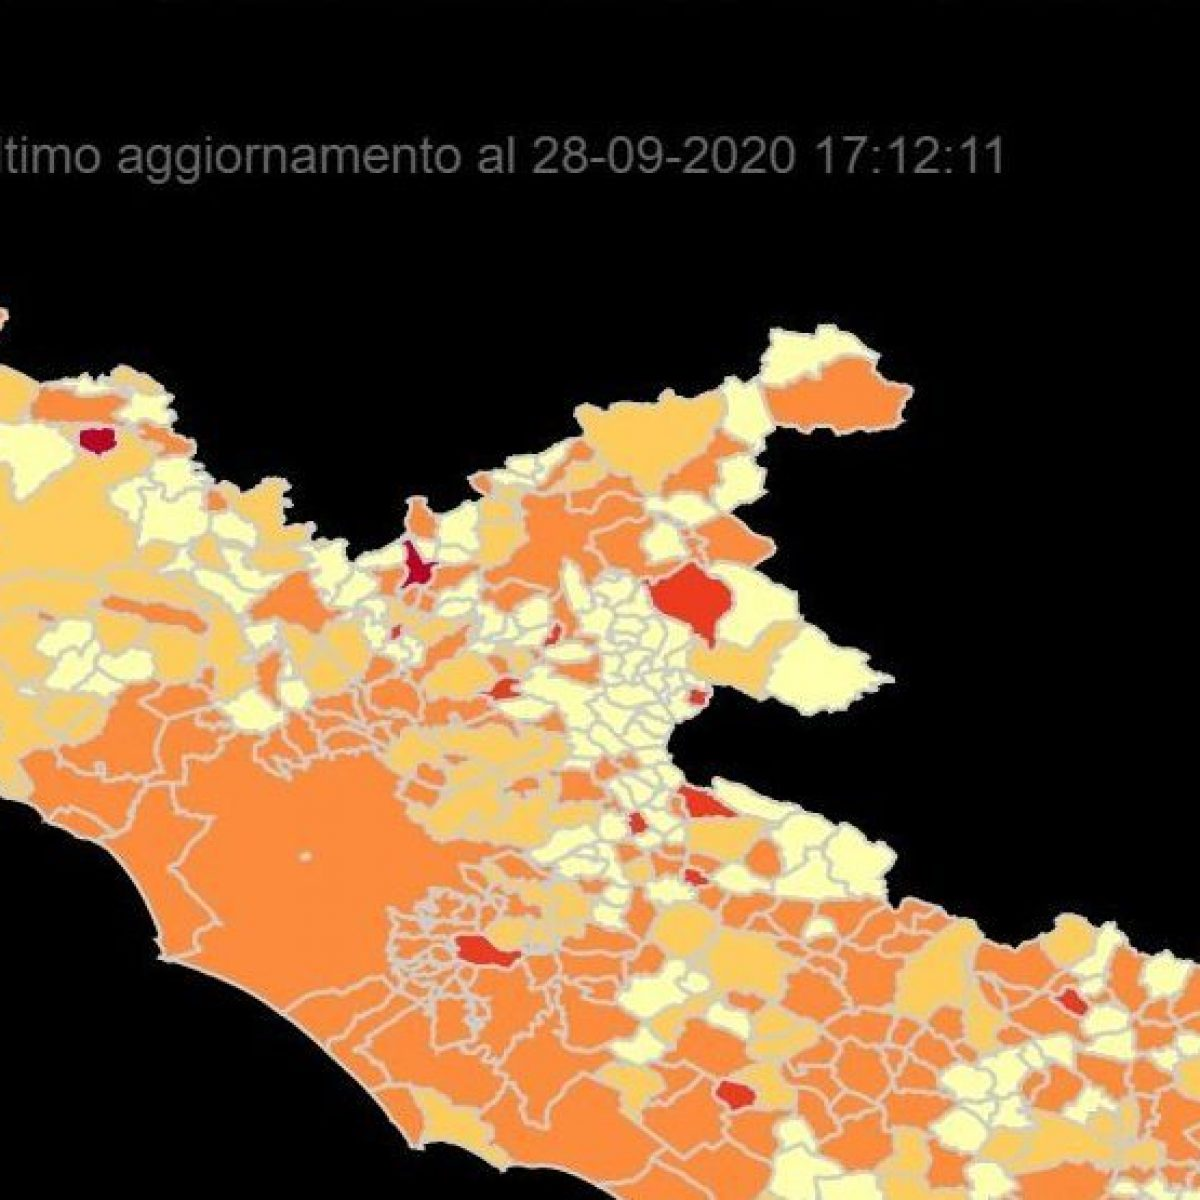 Cartina Lazio.Aumentano I Contagi La Mappa Dei Comuni Del Lazio Con Piu Casi Di Coronavirus